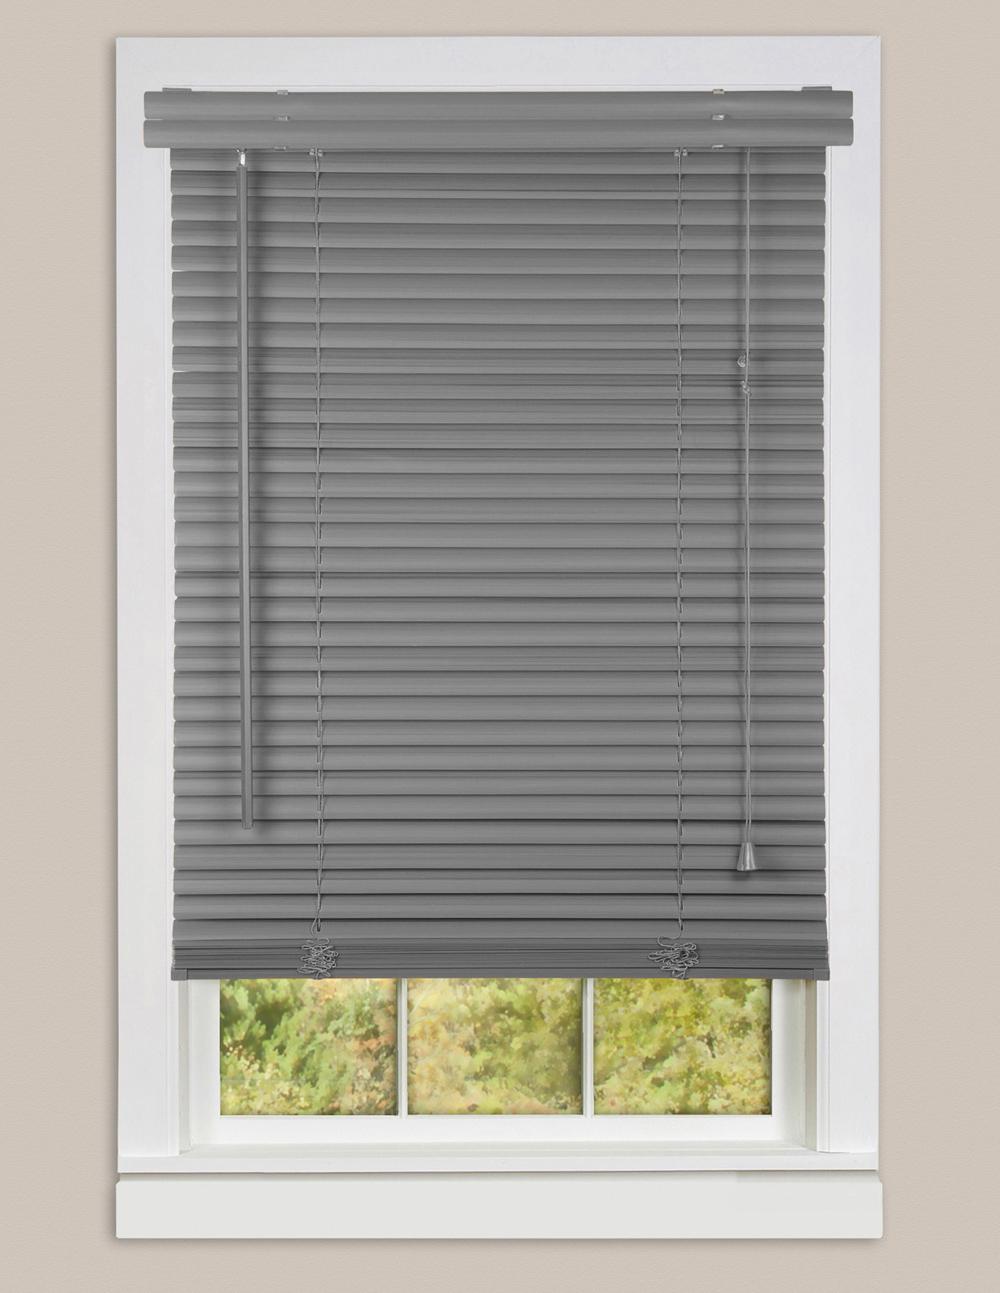 Window blinds mini blind 1 slat vinyl venetian blinds for Window blinds for homes